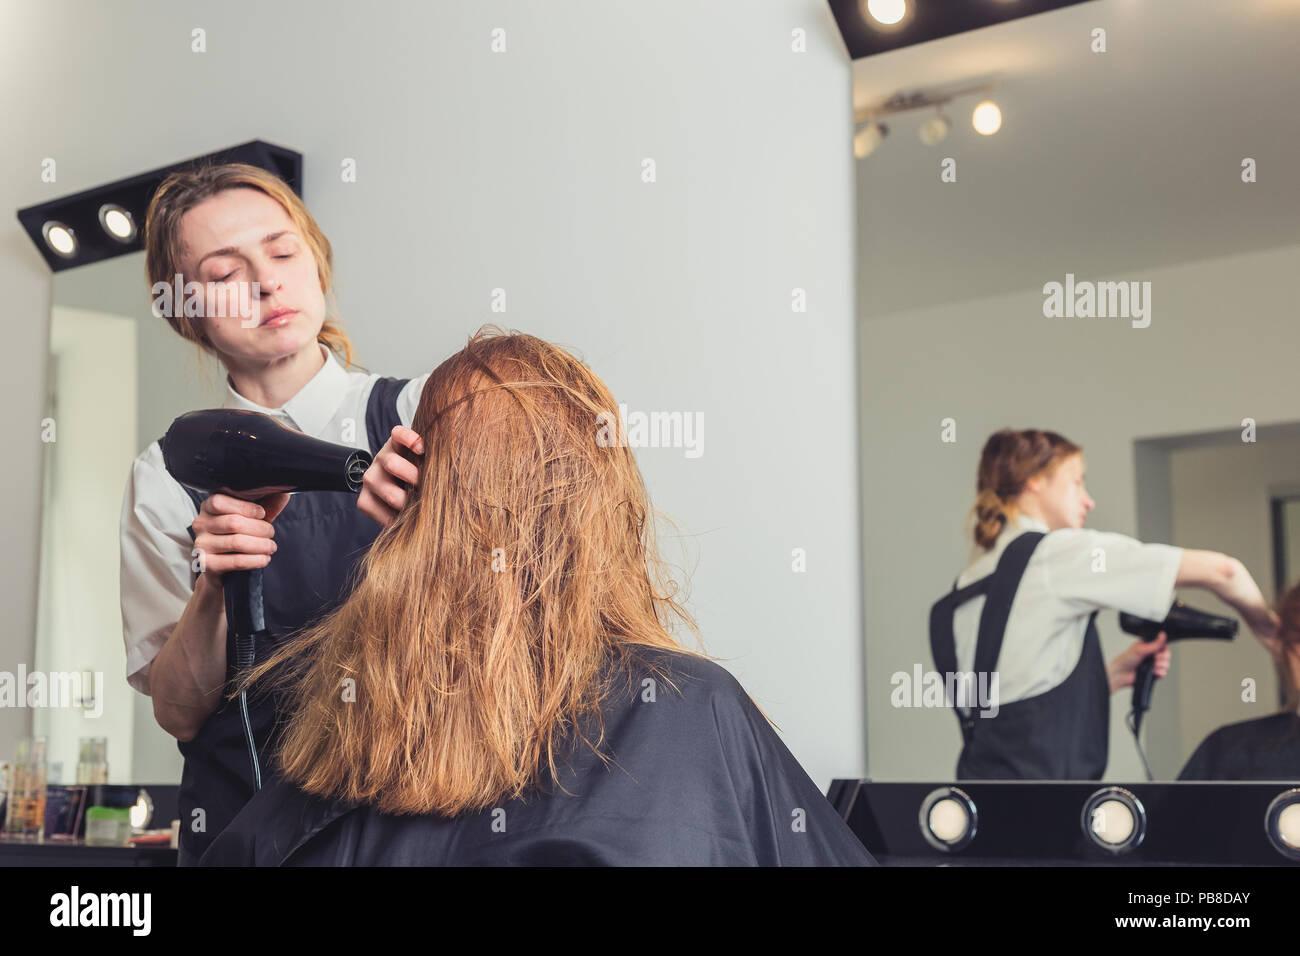 Esteticista golpe de secado el cabello de la mujer en el salón de belleza Foto de stock